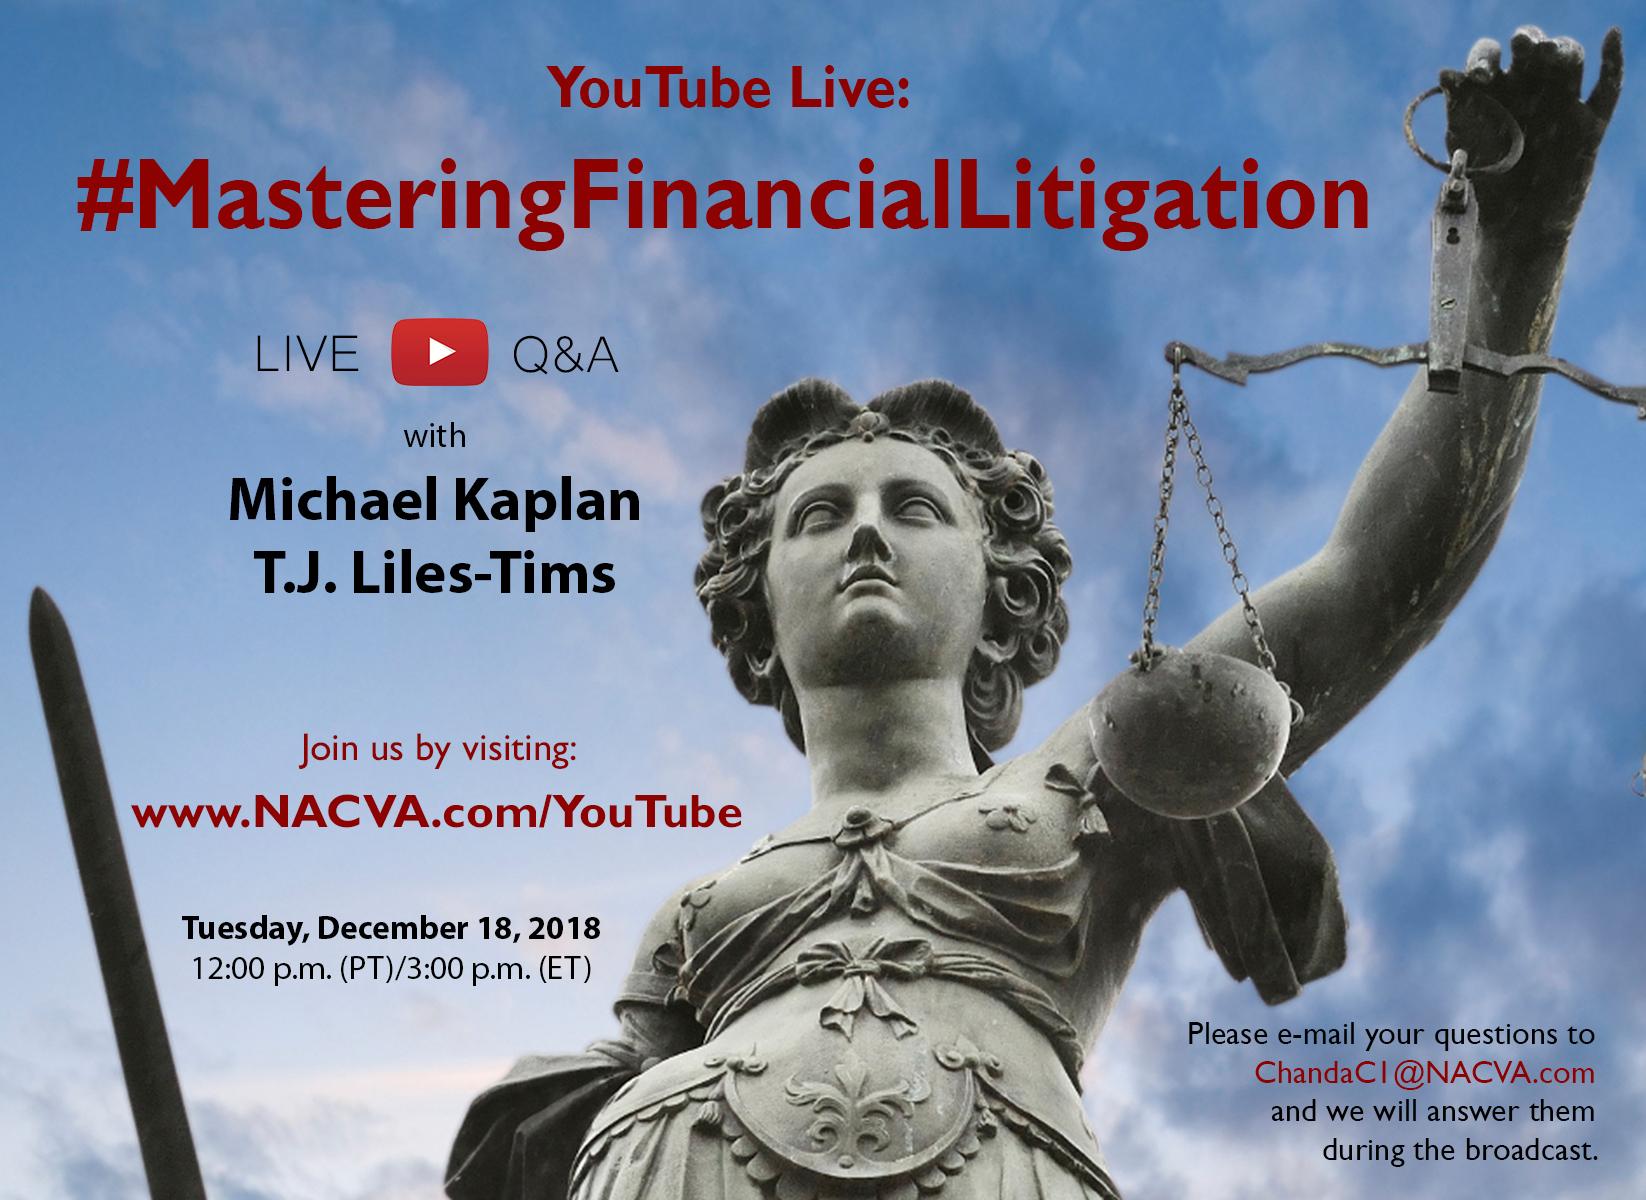 December 18: YouTube Live Event Mastering Financial Litigation